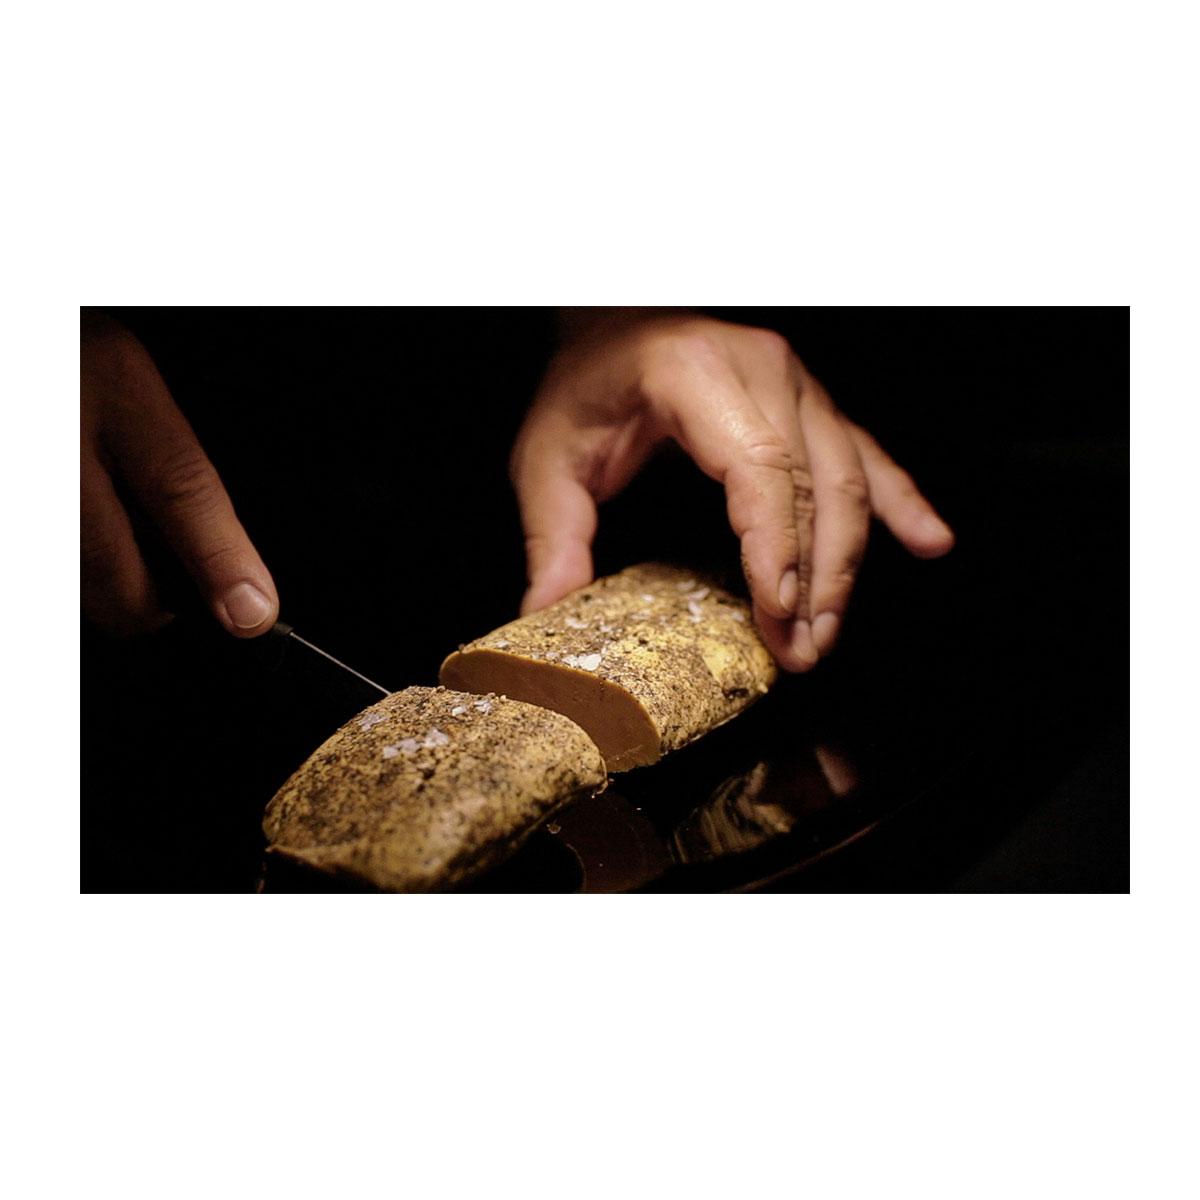 Lóbulo de Foie gras a la sal